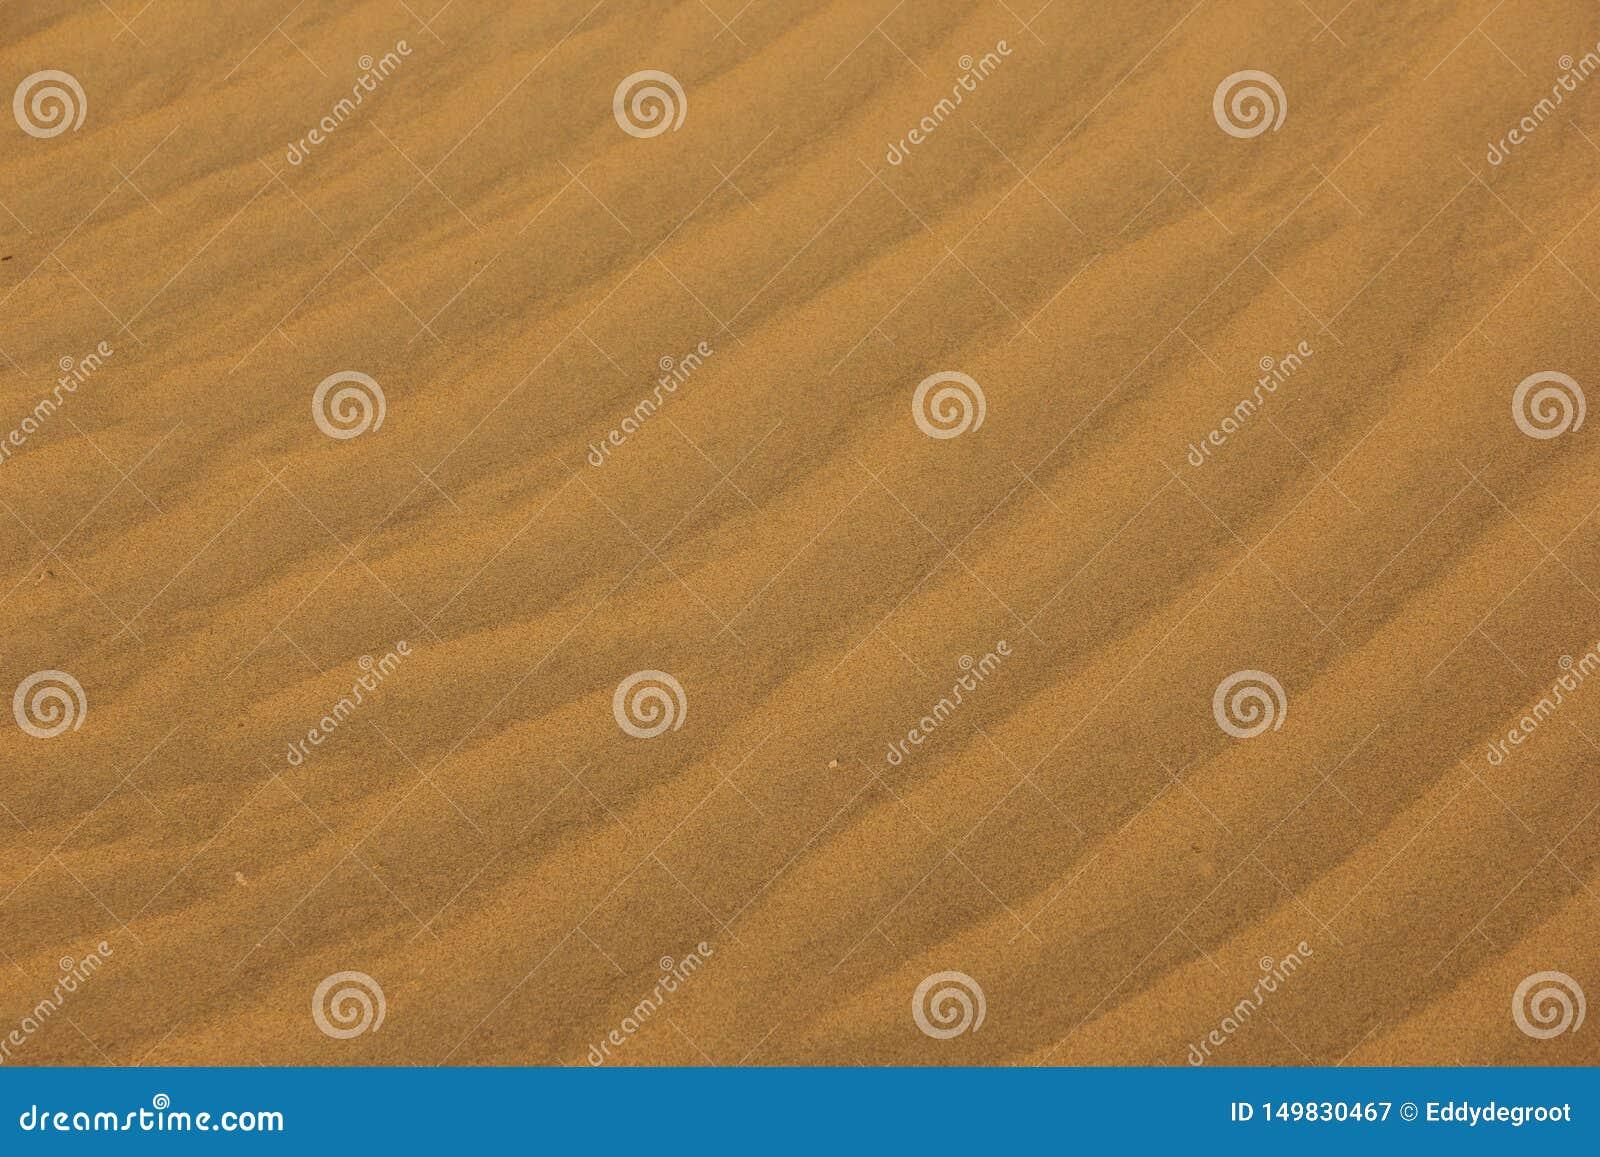 Pluskocz?cy piasek w pustyni